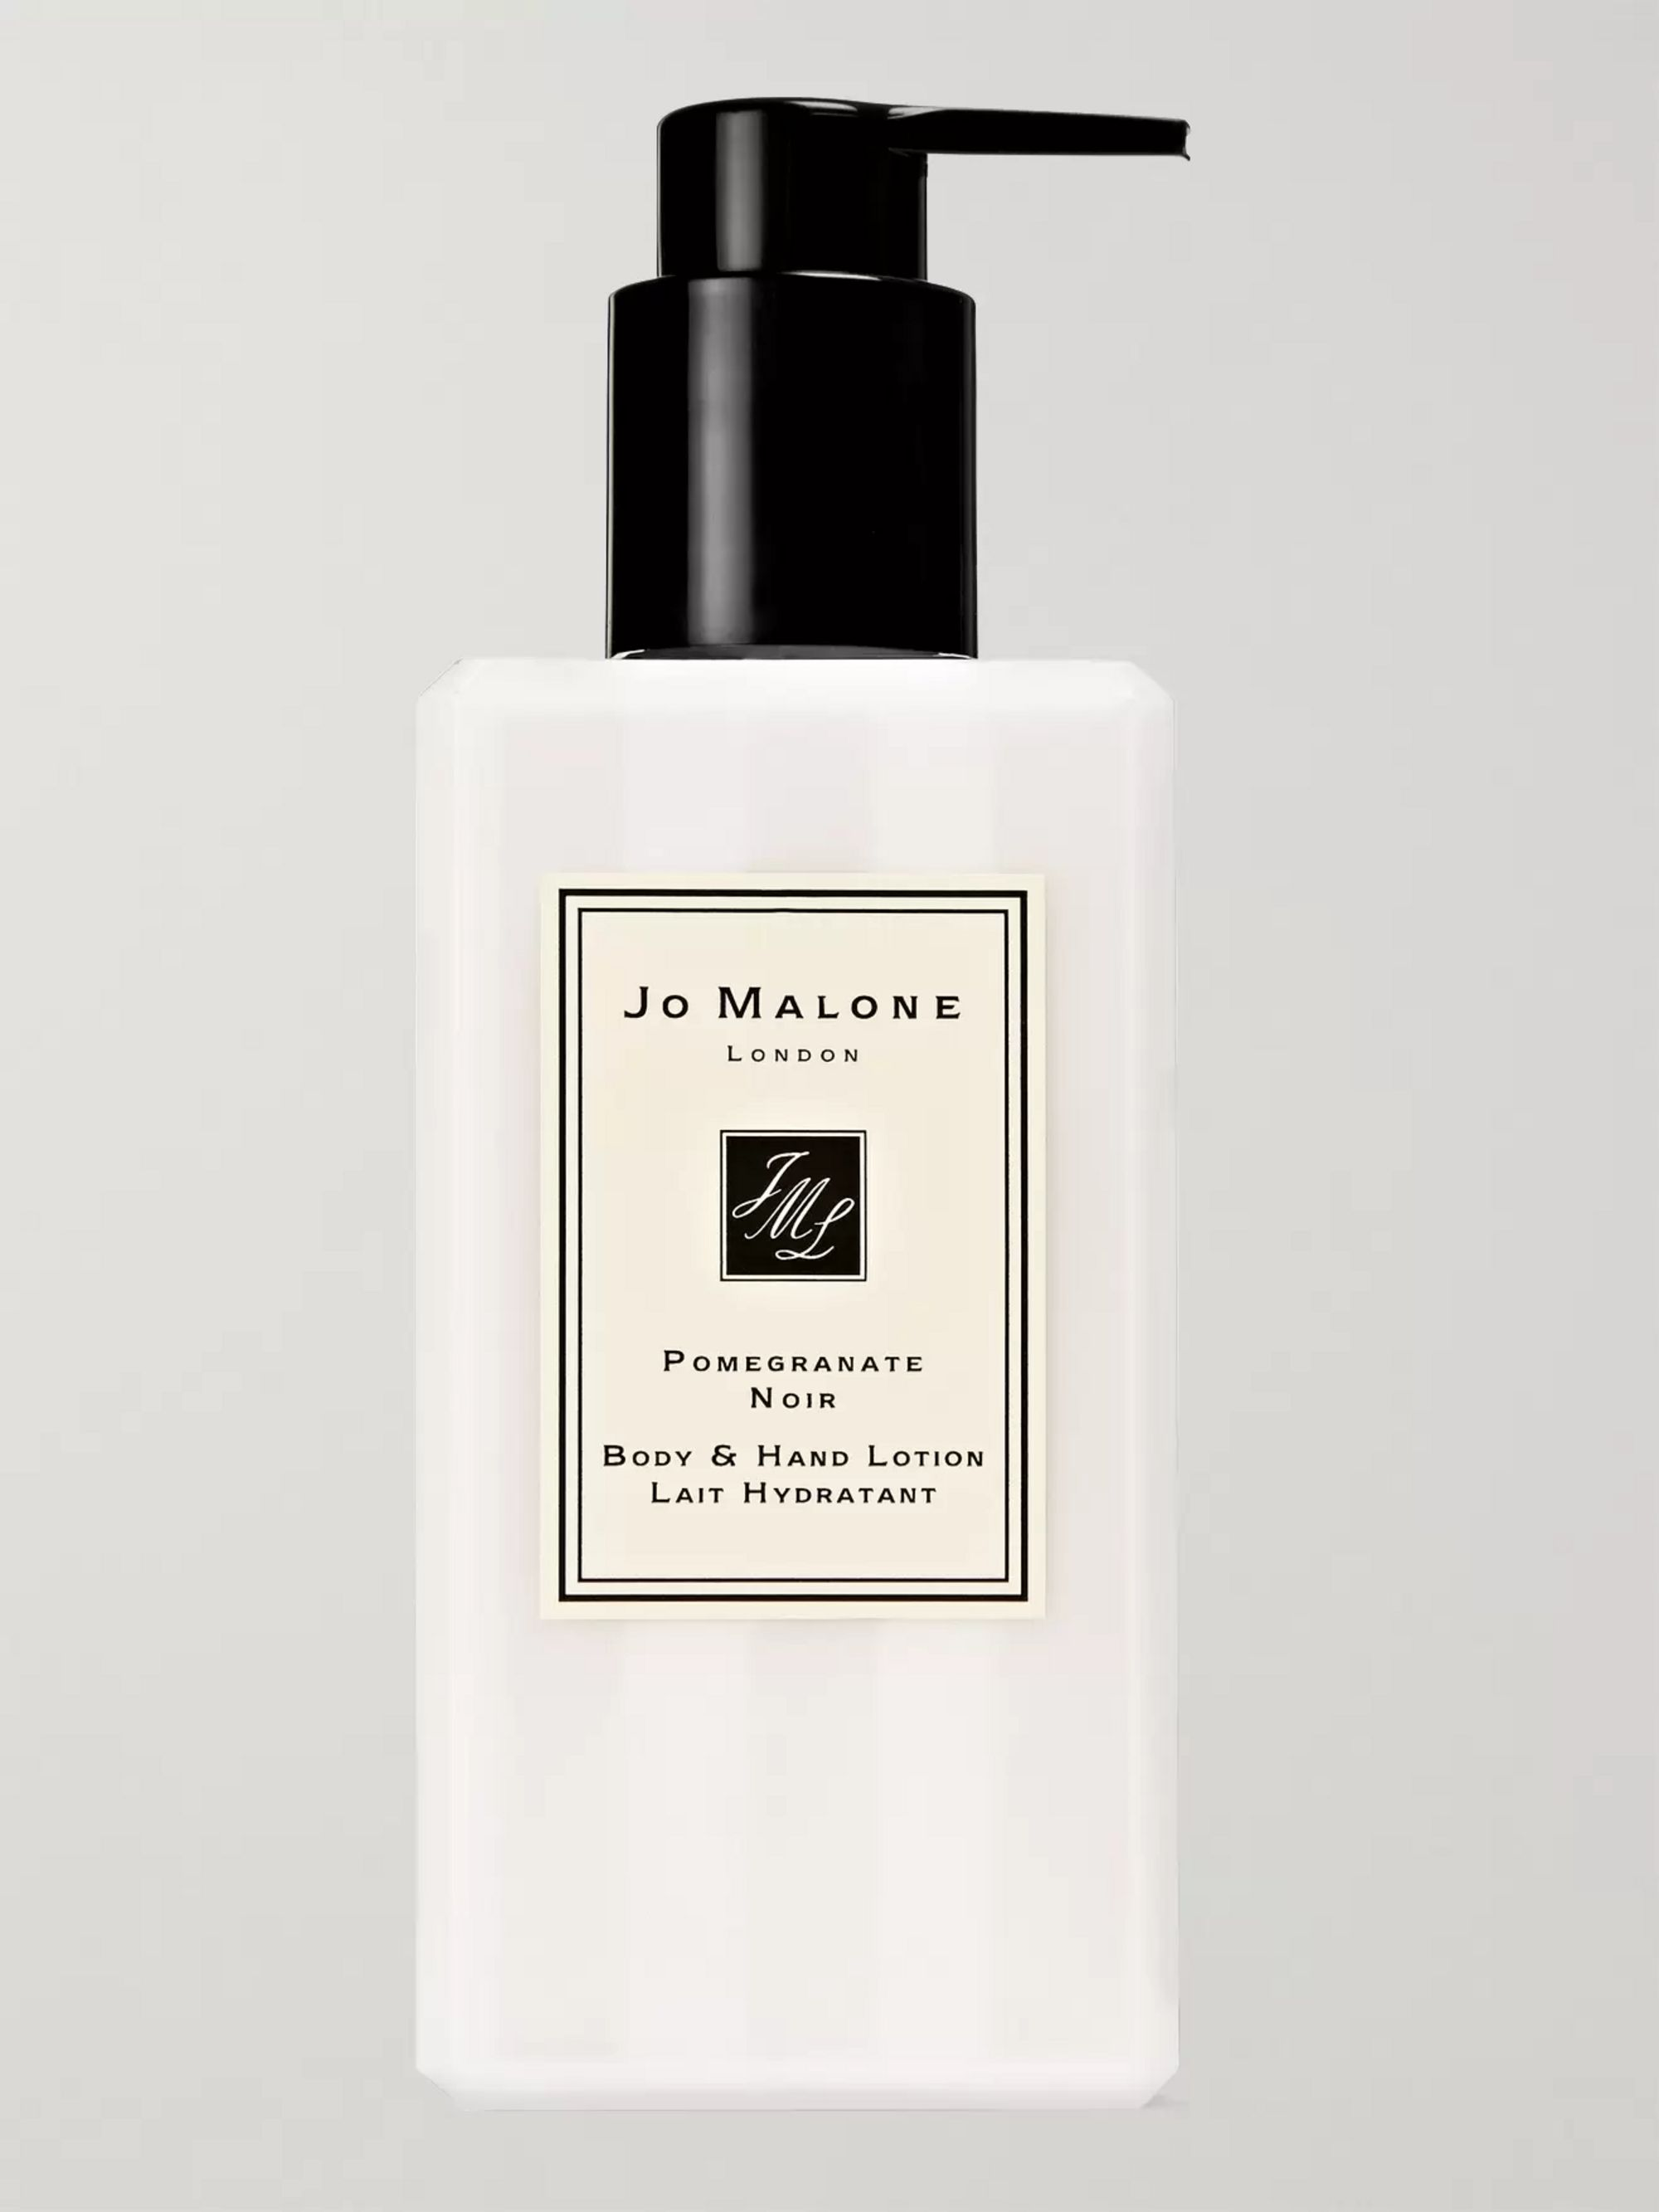 조 말론 포머그래니트 누와 바디 핸드 로션 Jo Malone Pomegranate Noir Body & Hand Lotion 250ml